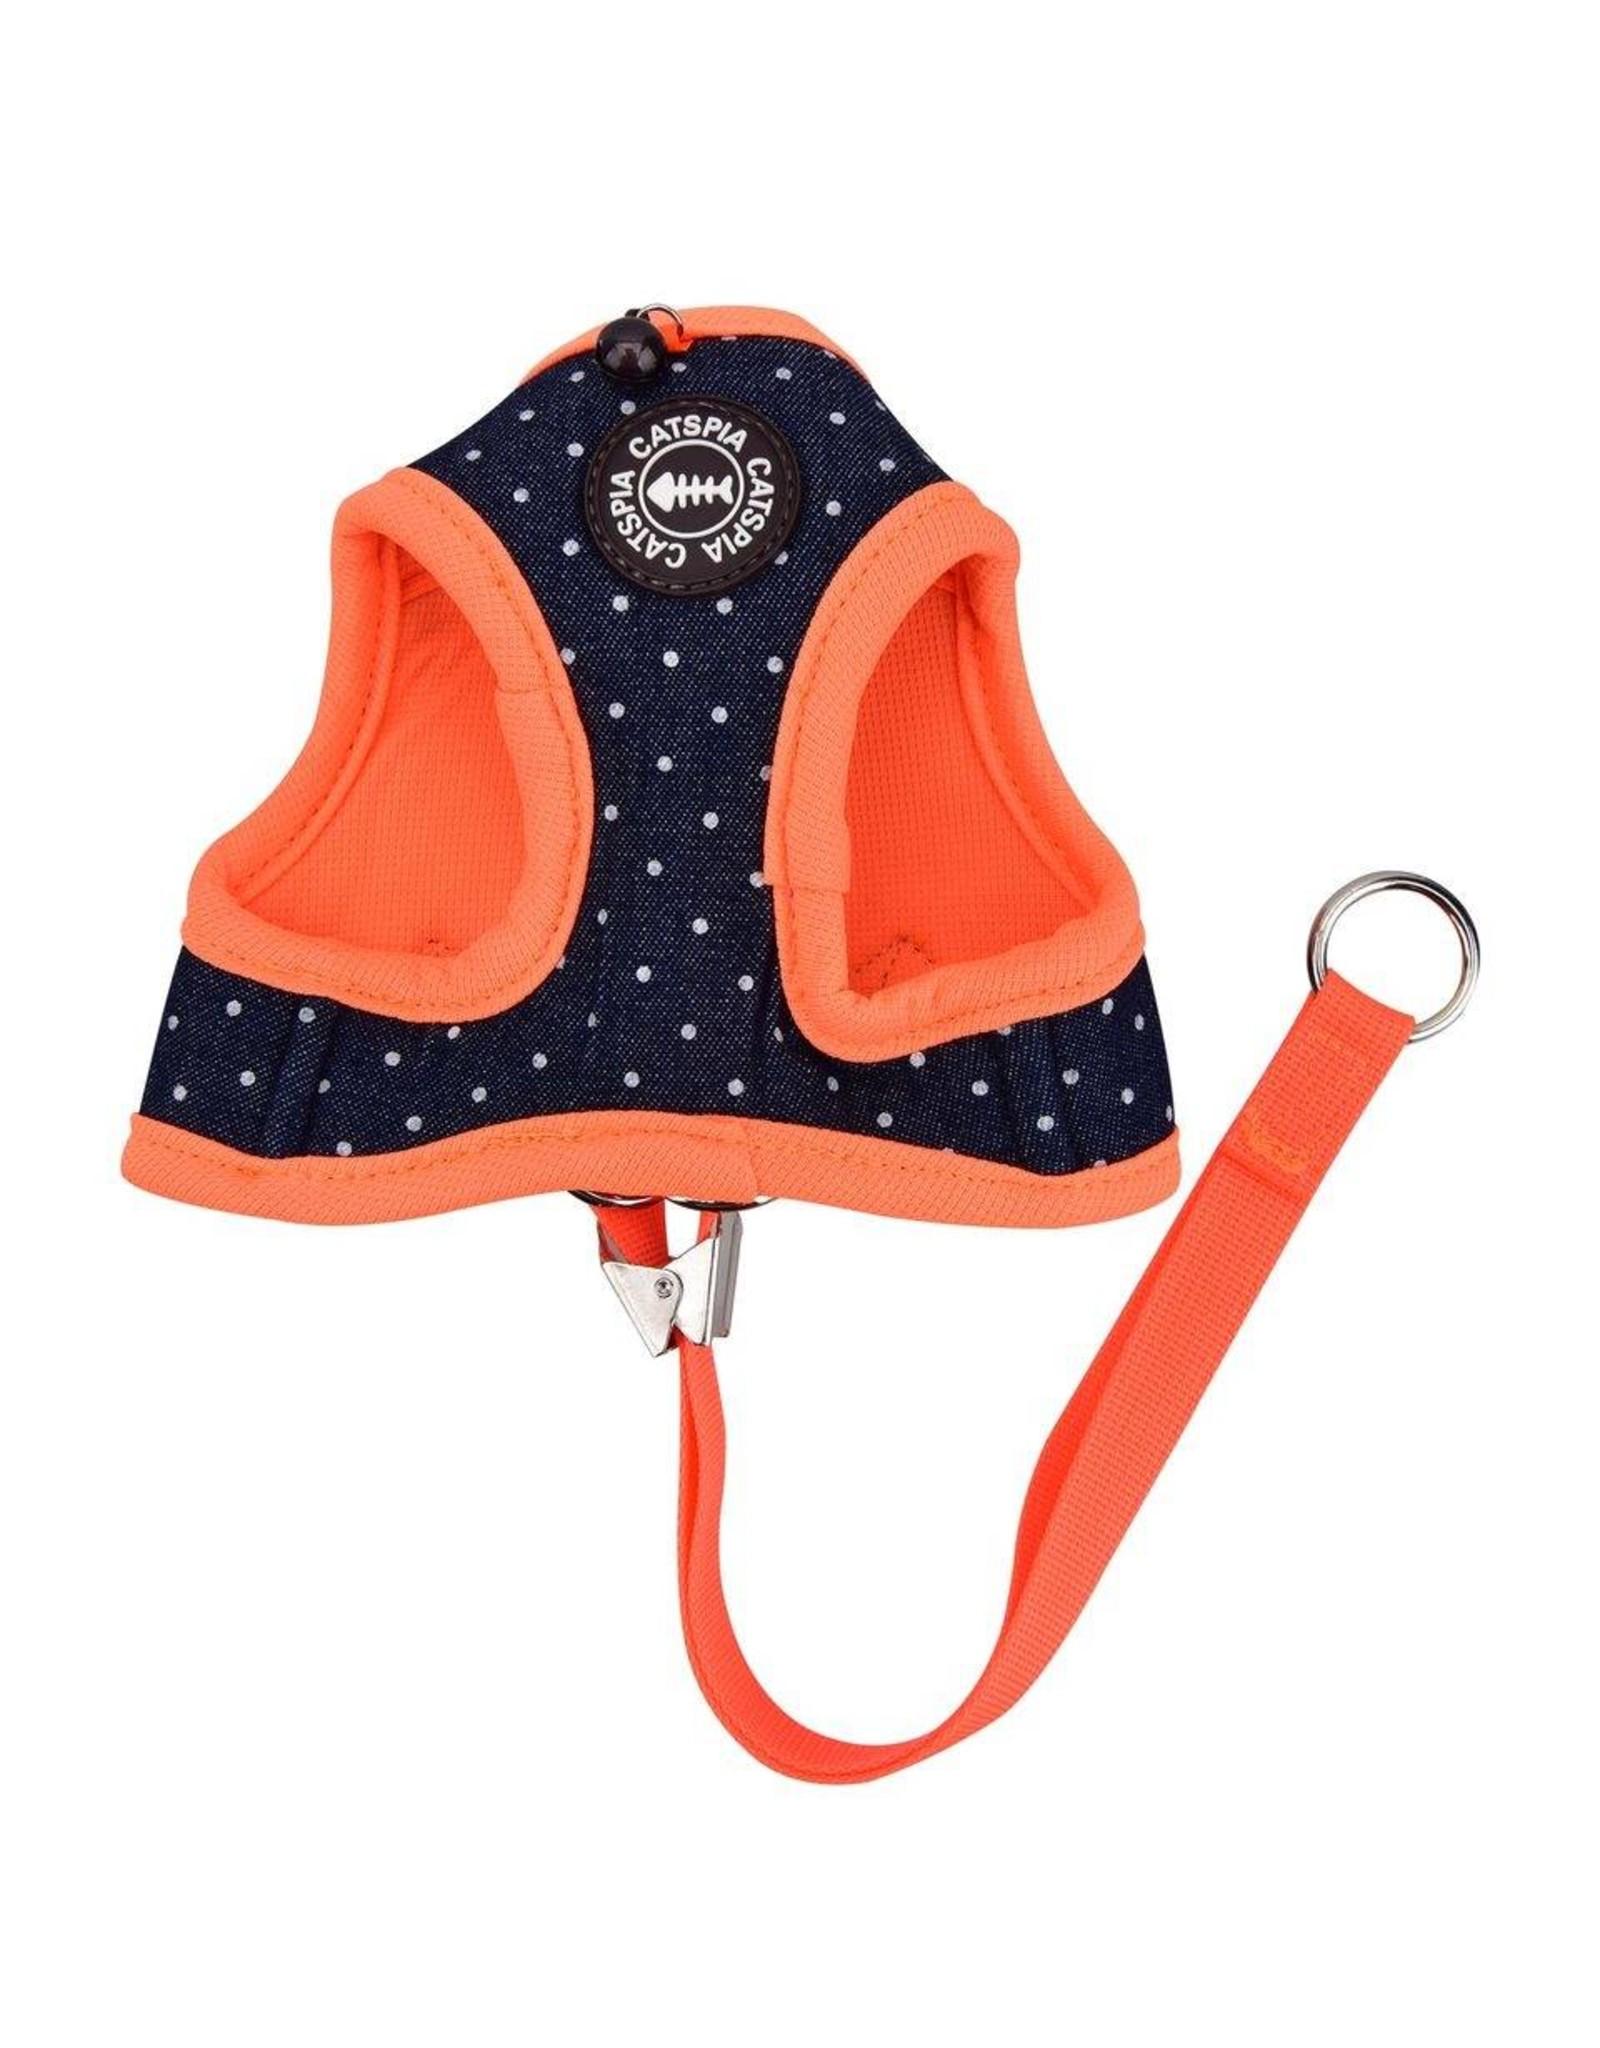 Catspia Catspia Cora Harness model Q Orange